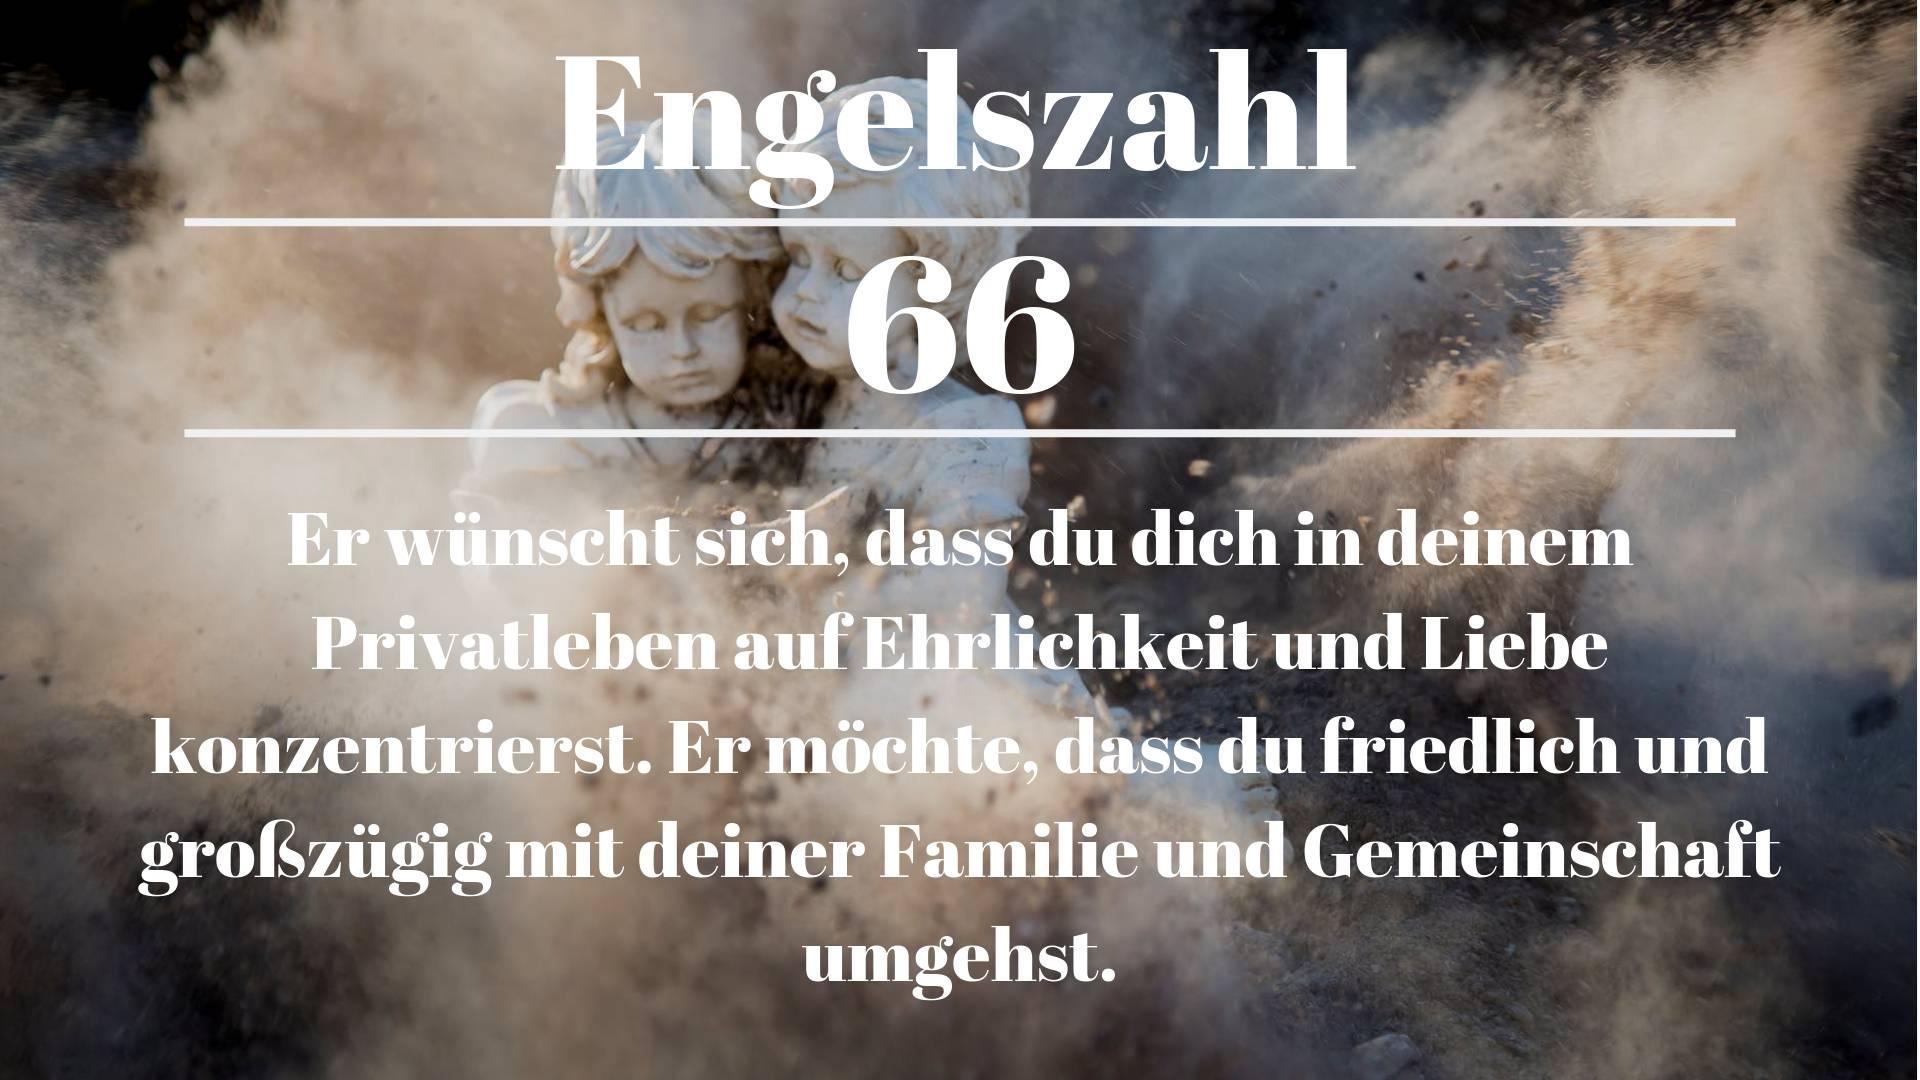 Engelszahl 66 und ihre Bedeutung – Warum siehst du 66?